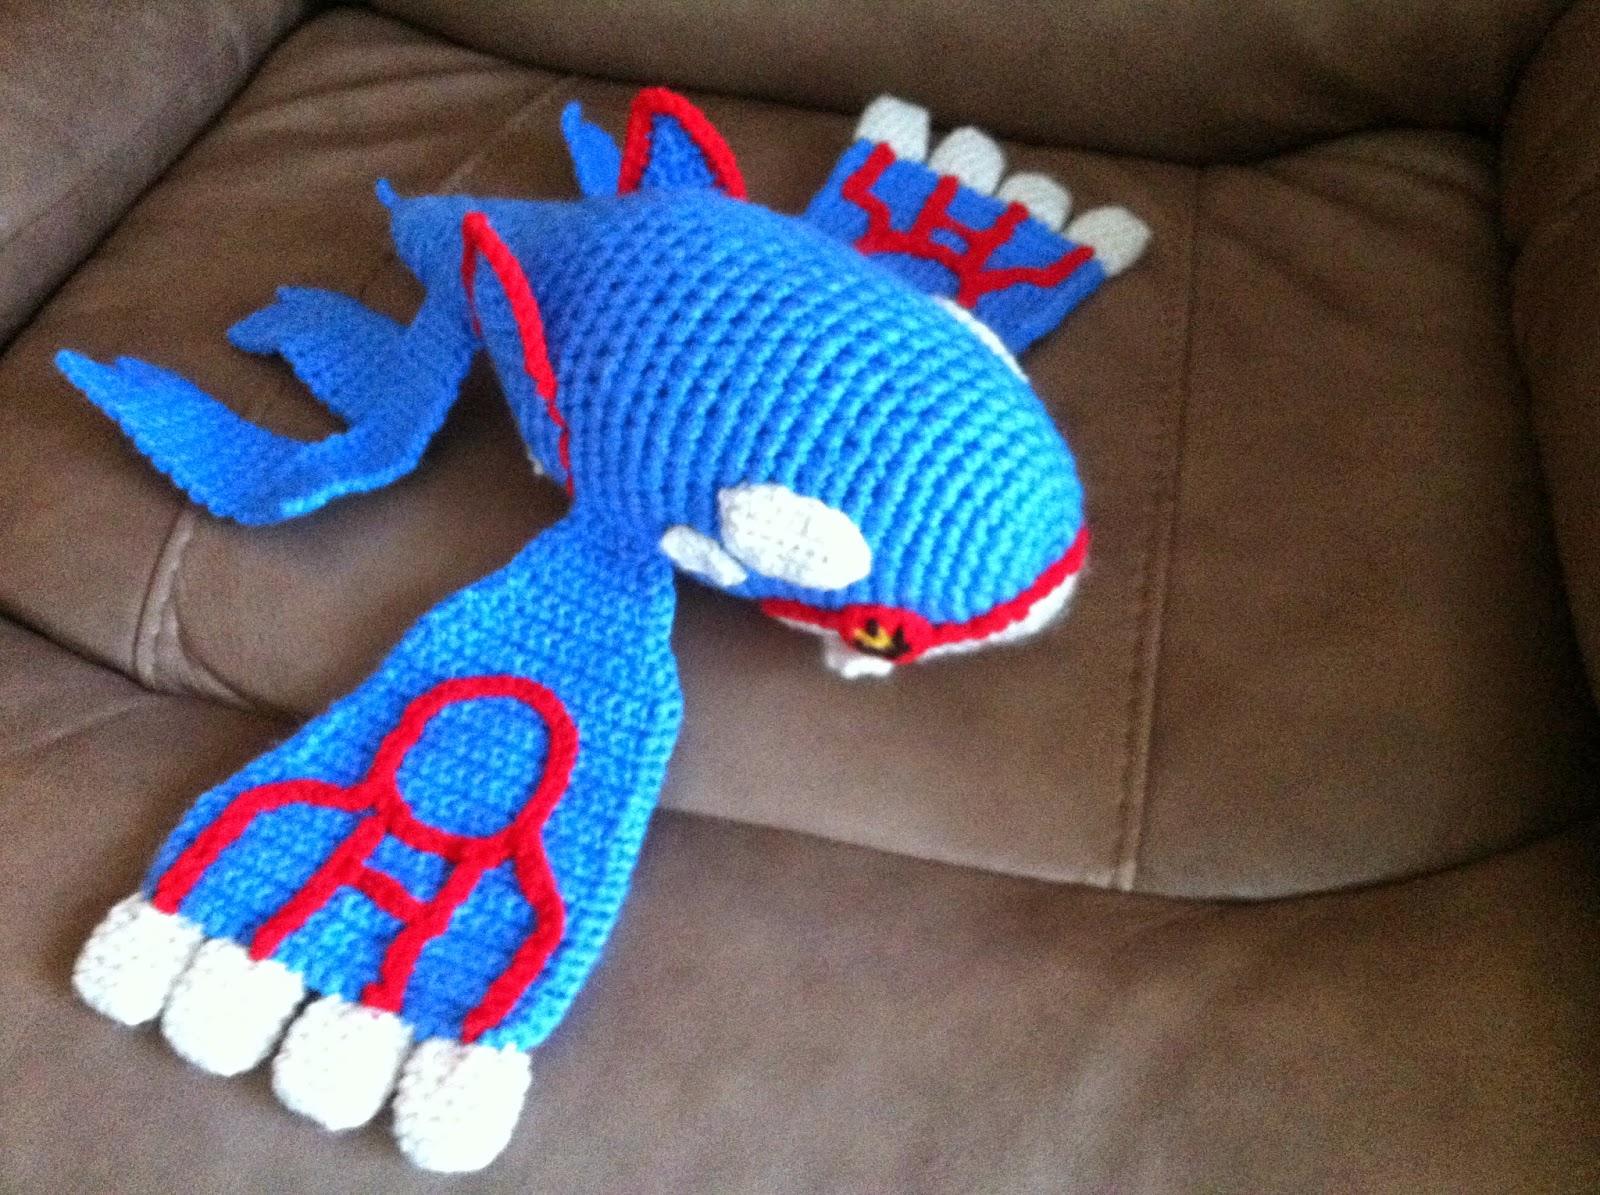 Heart in flight crochet kyogre crochet plush pattern bankloansurffo Gallery